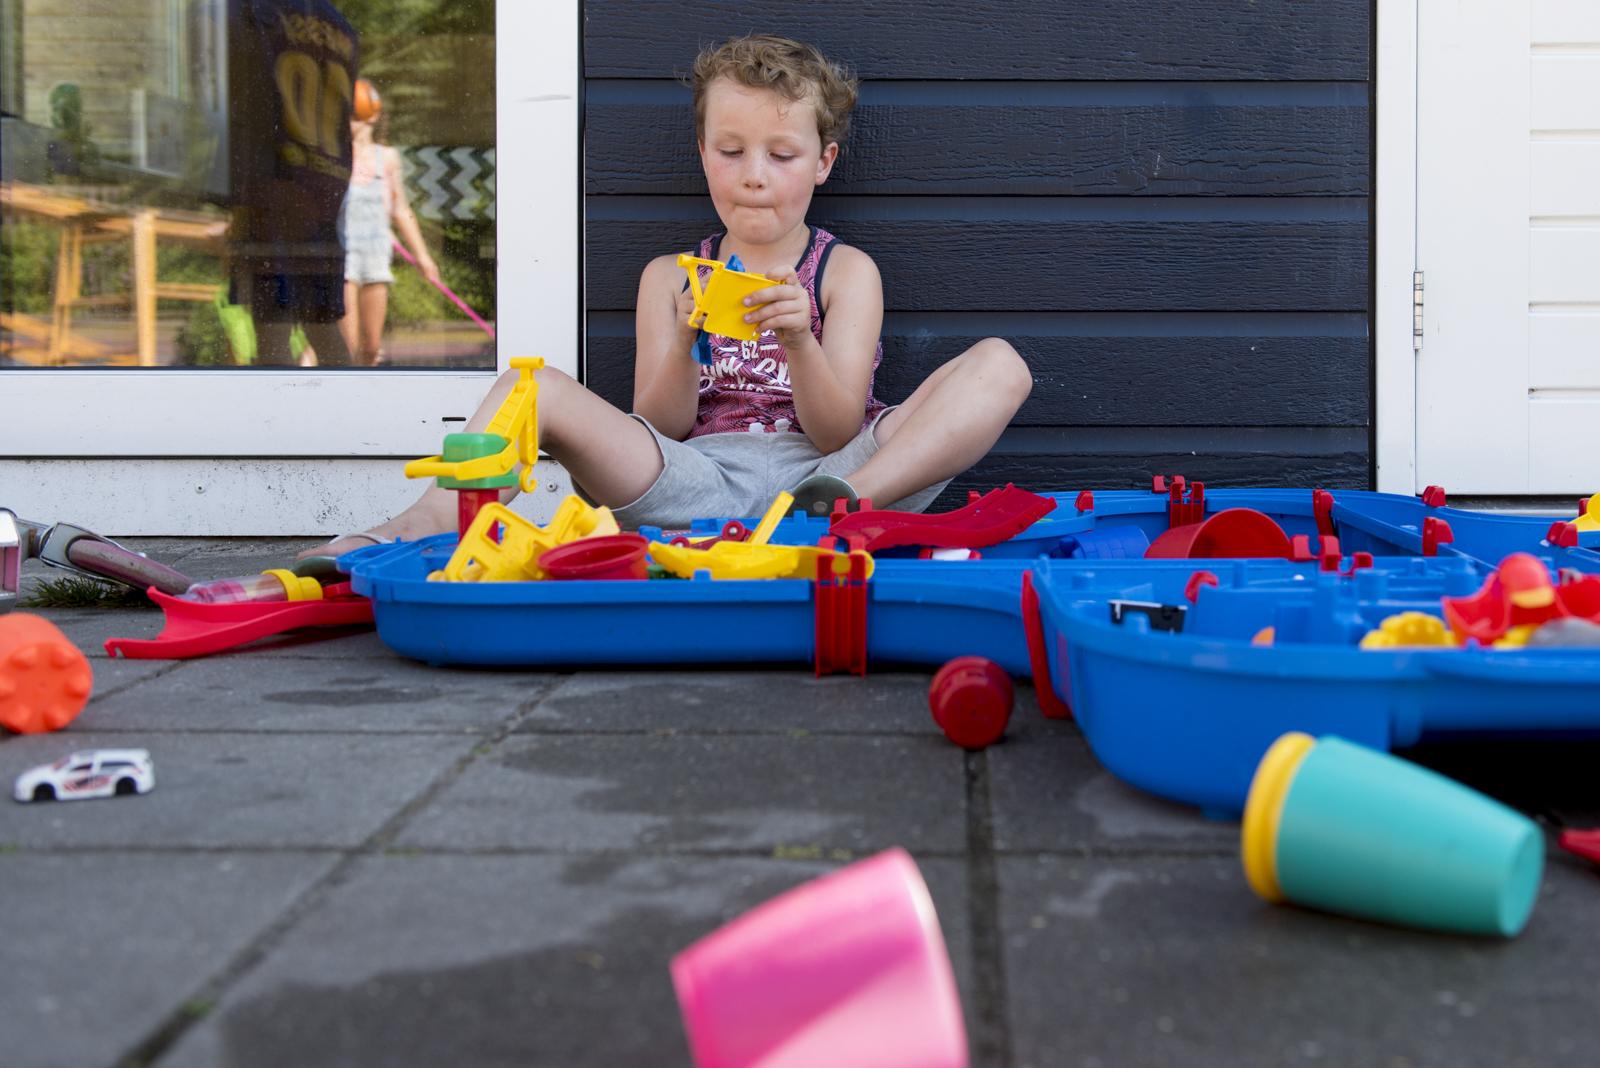 Spontane foto's op een kinderdagverblijf